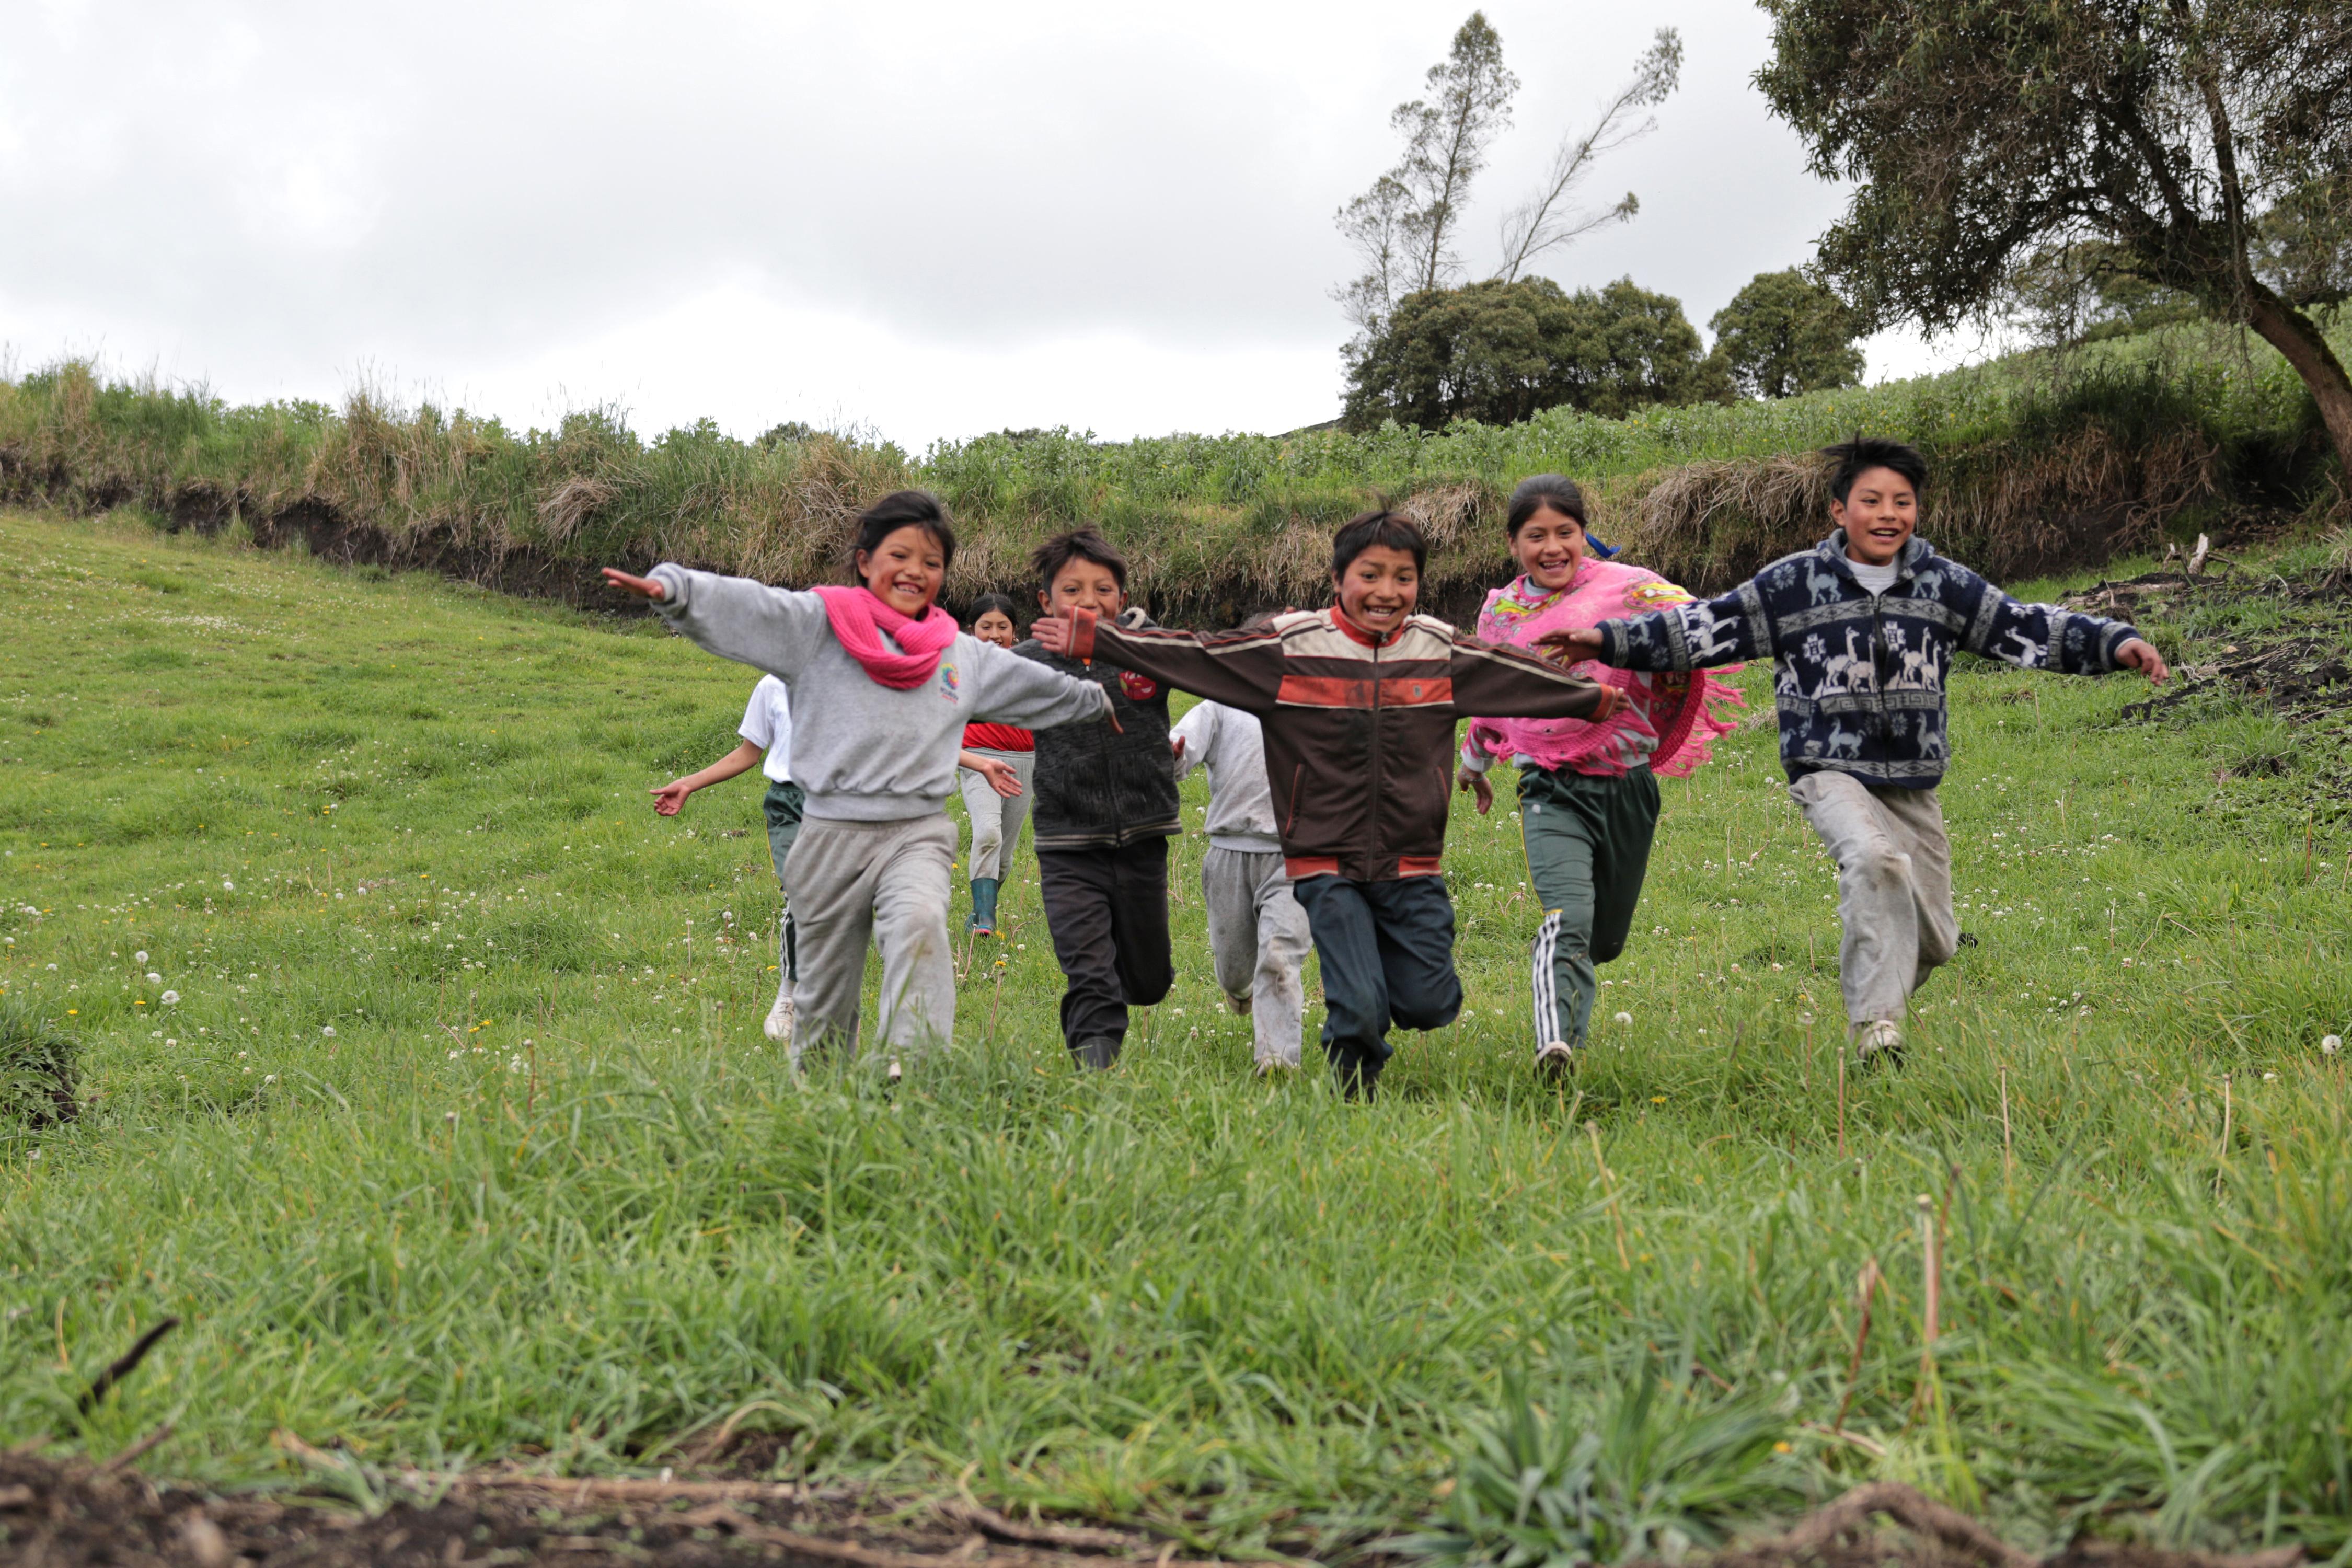 Organizaciones que ayudan a la niñez en Ecuador